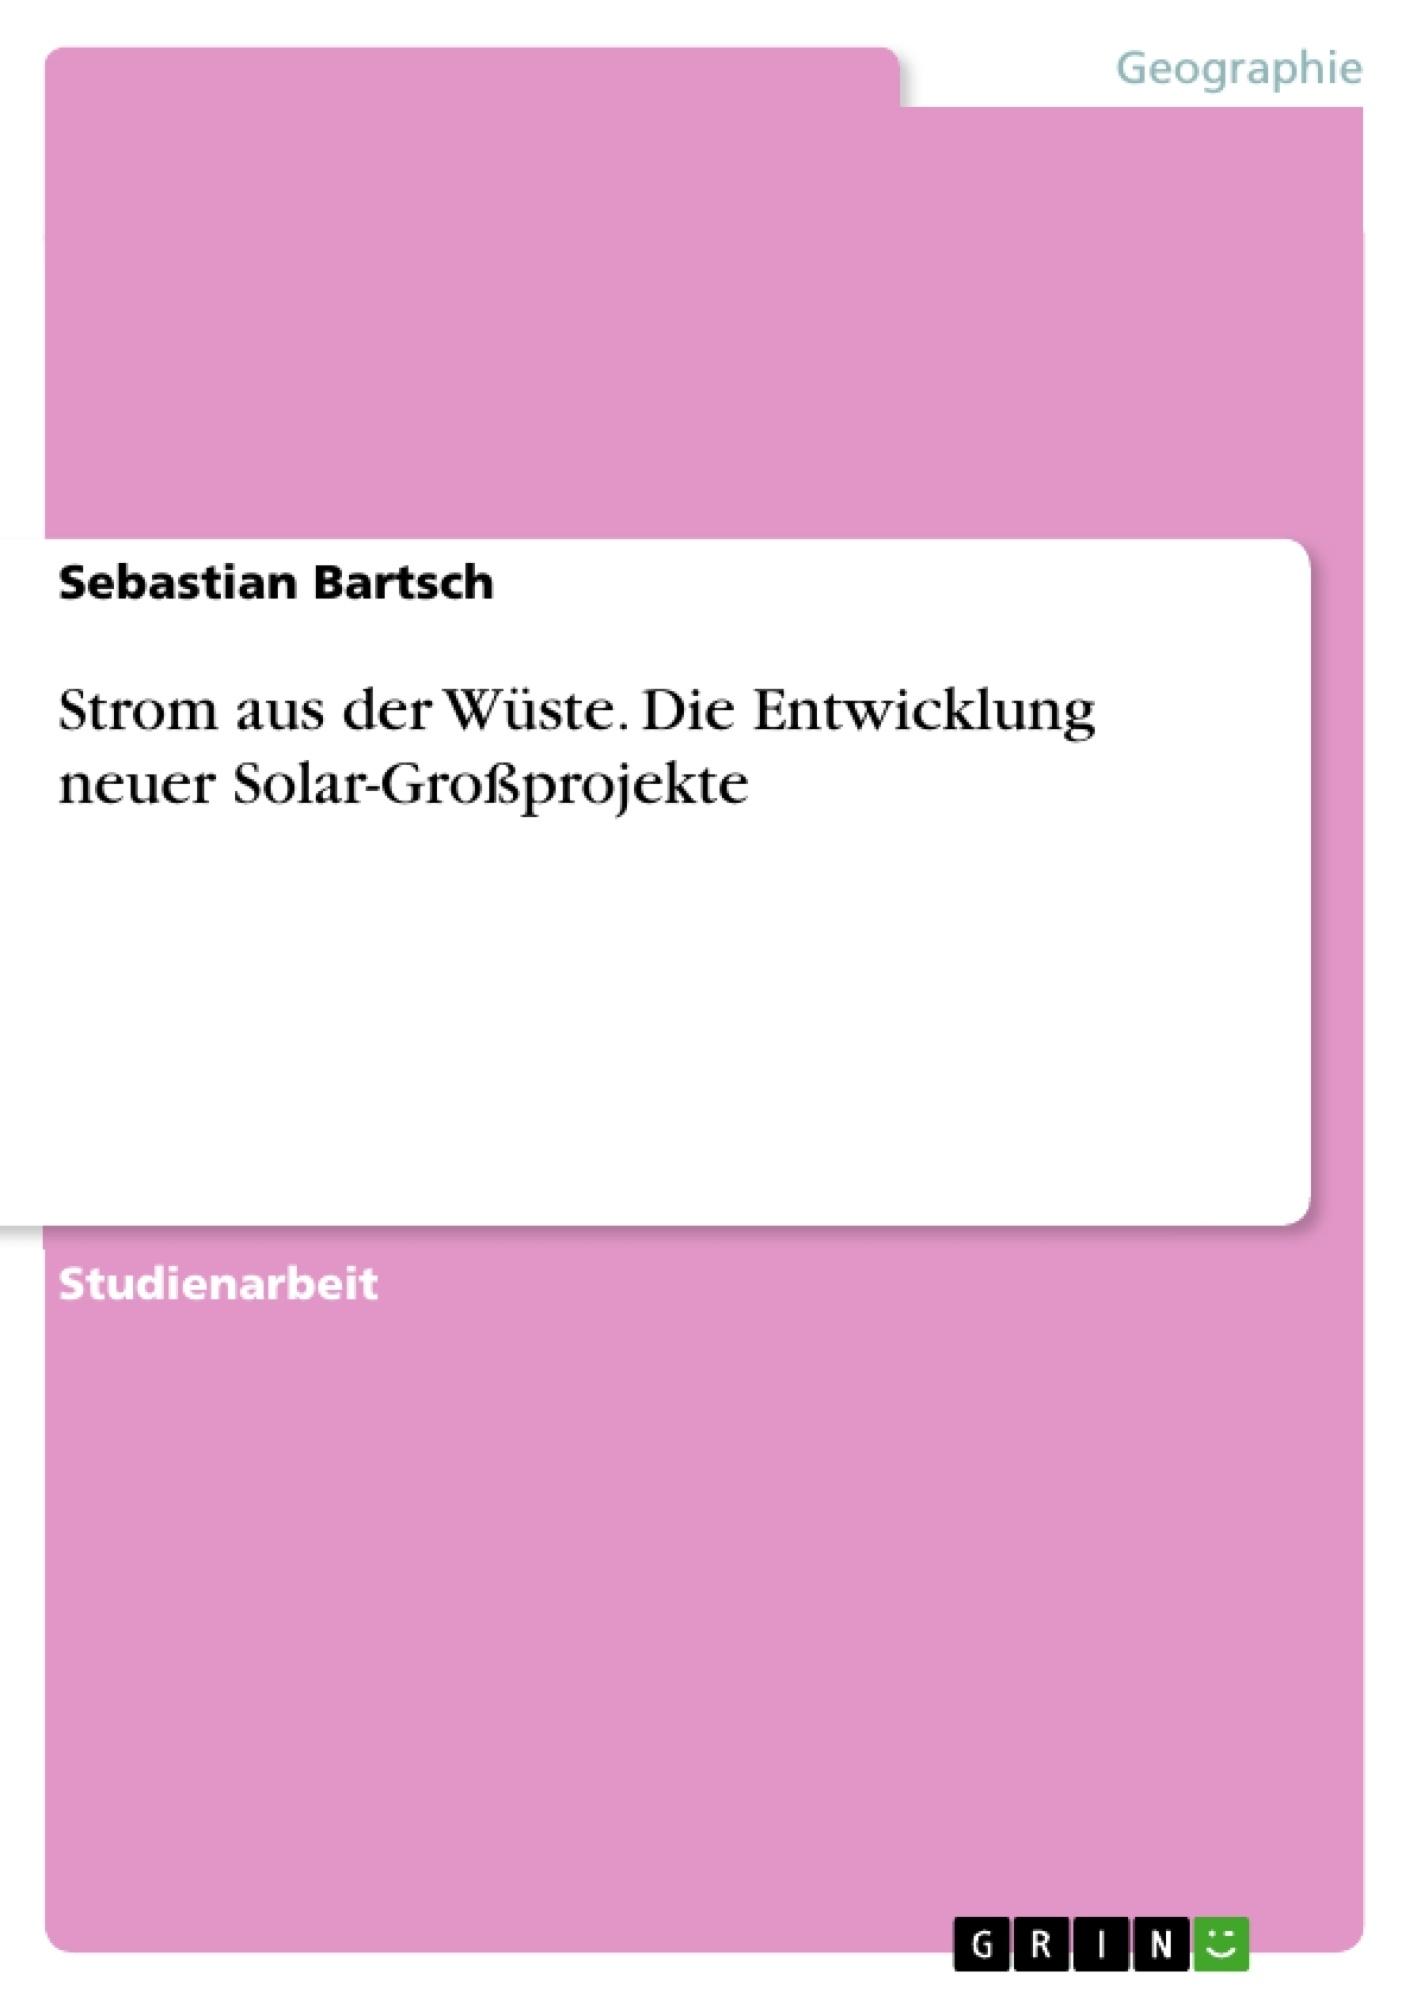 Titel: Strom aus der Wüste. Die Entwicklung neuer Solar-Großprojekte